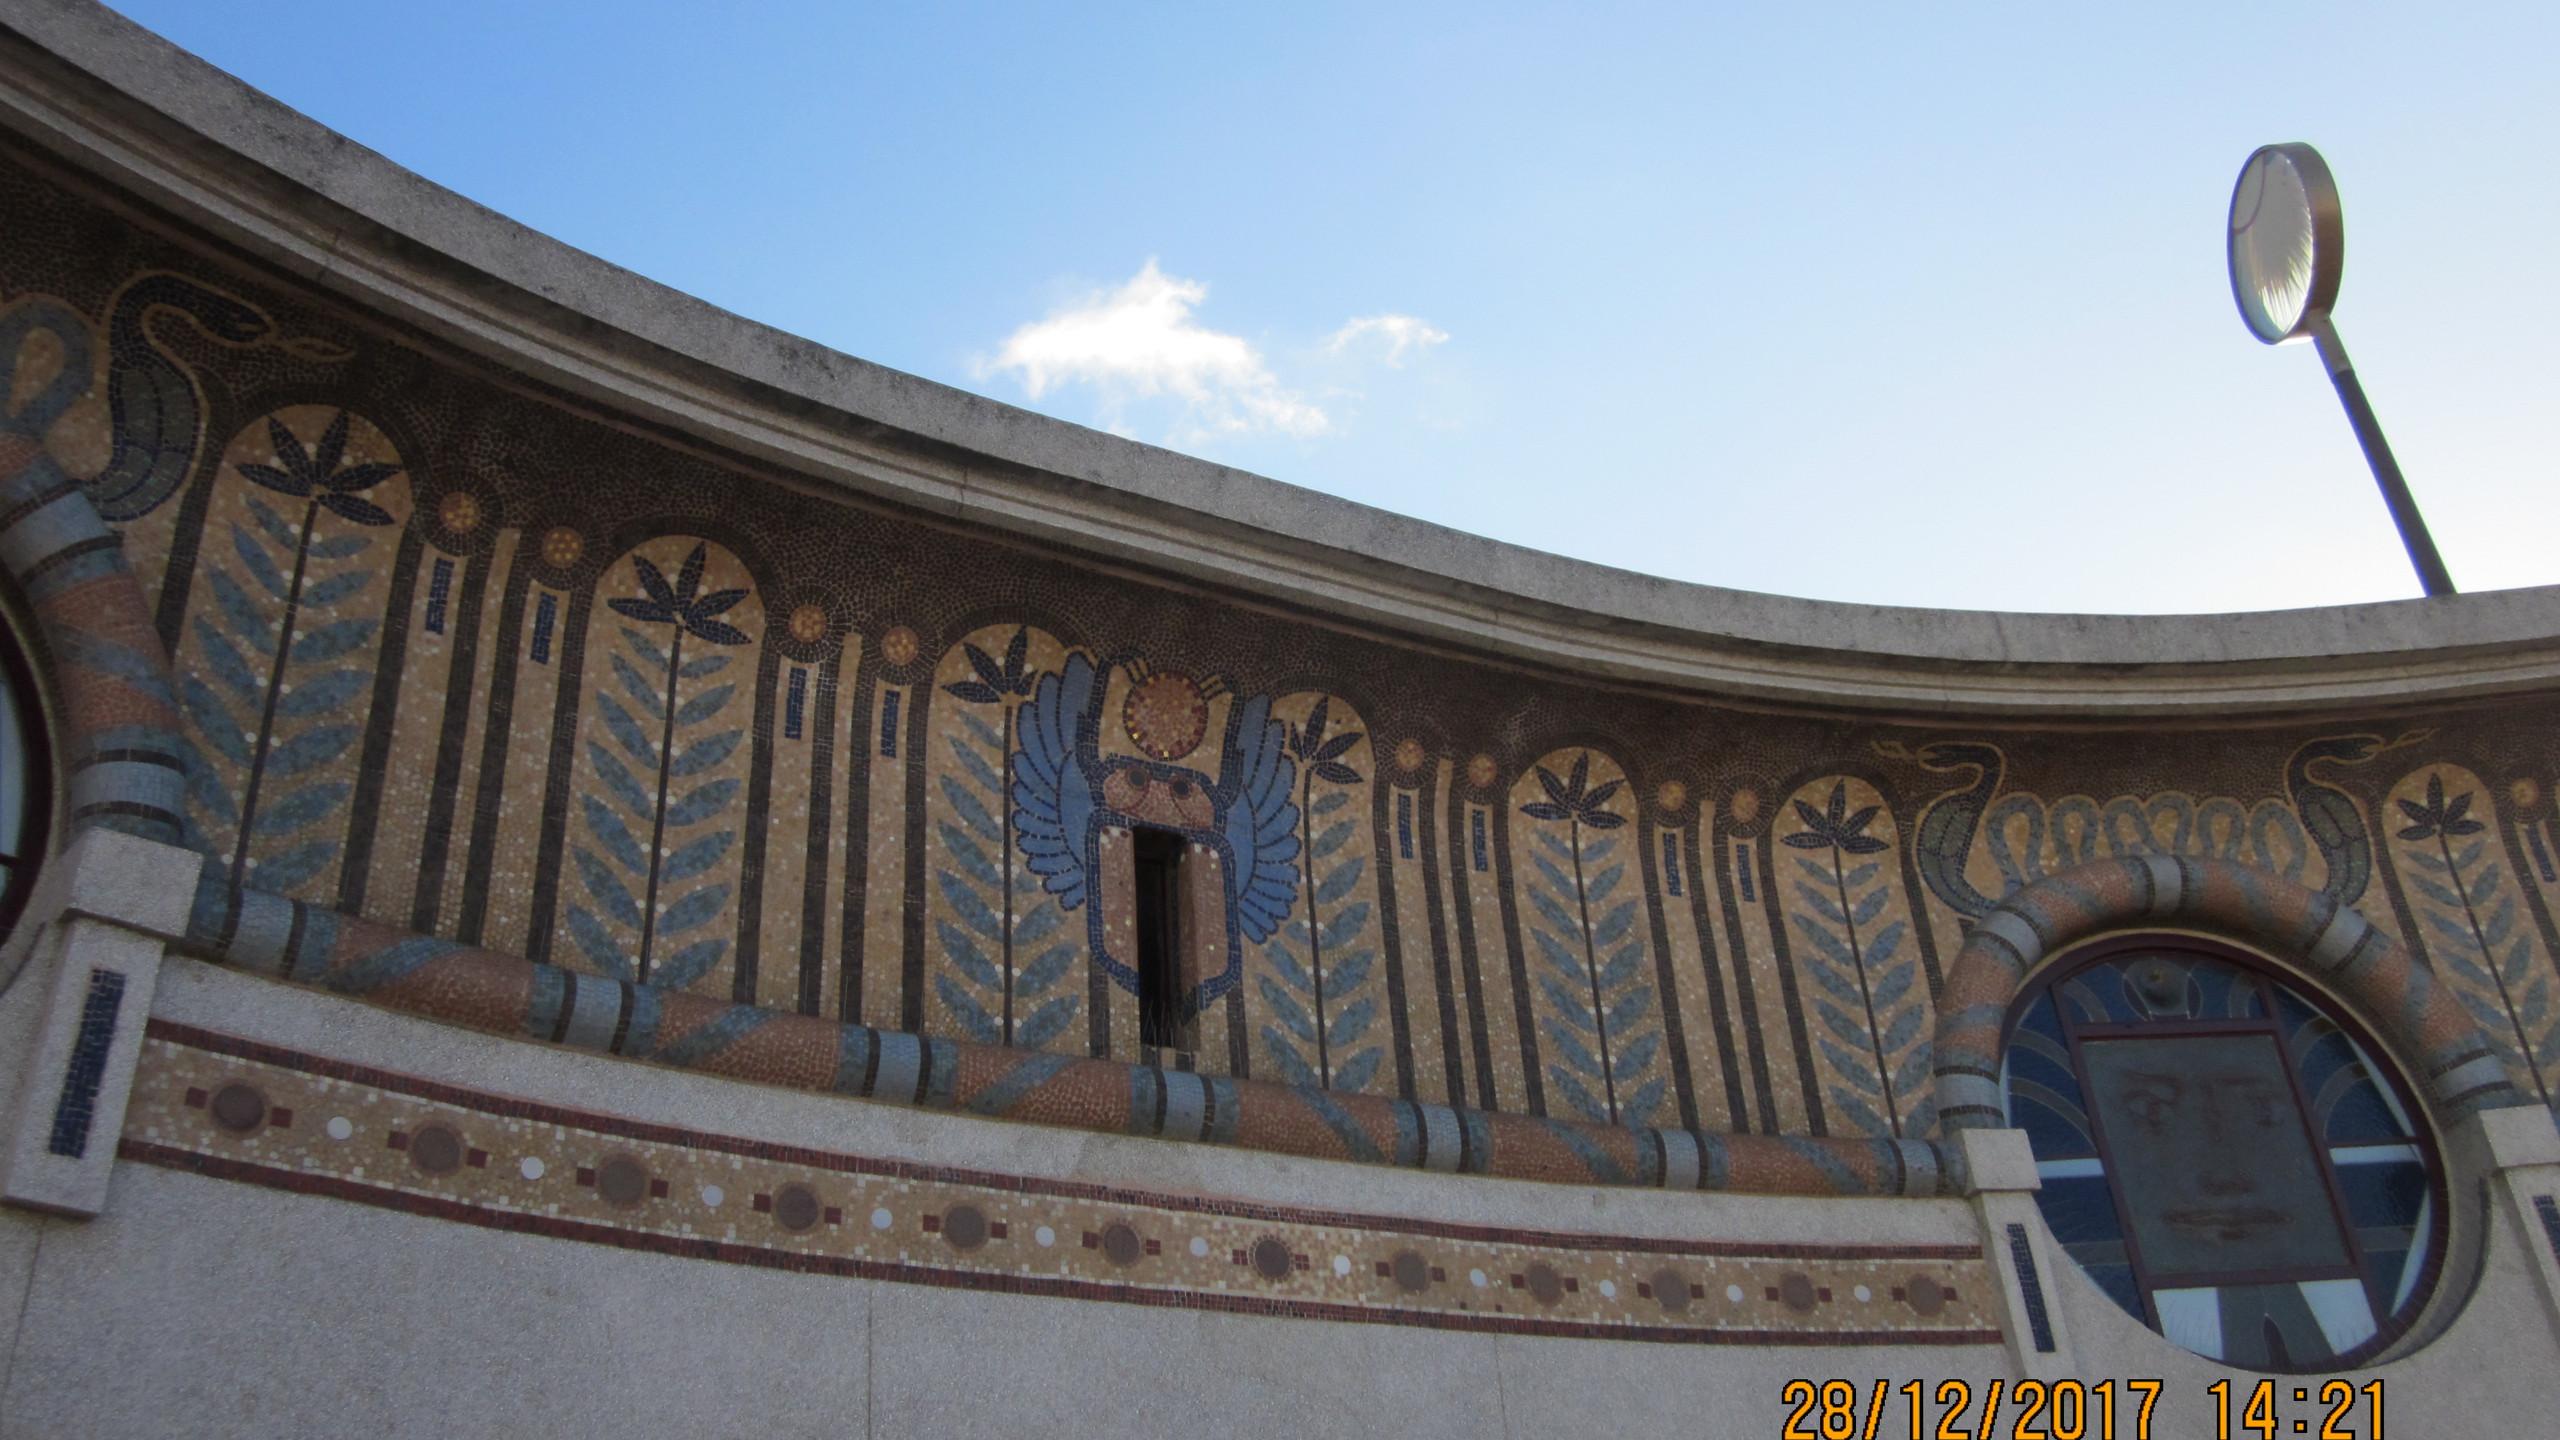 Le Louxor Roof - Frieze Detail